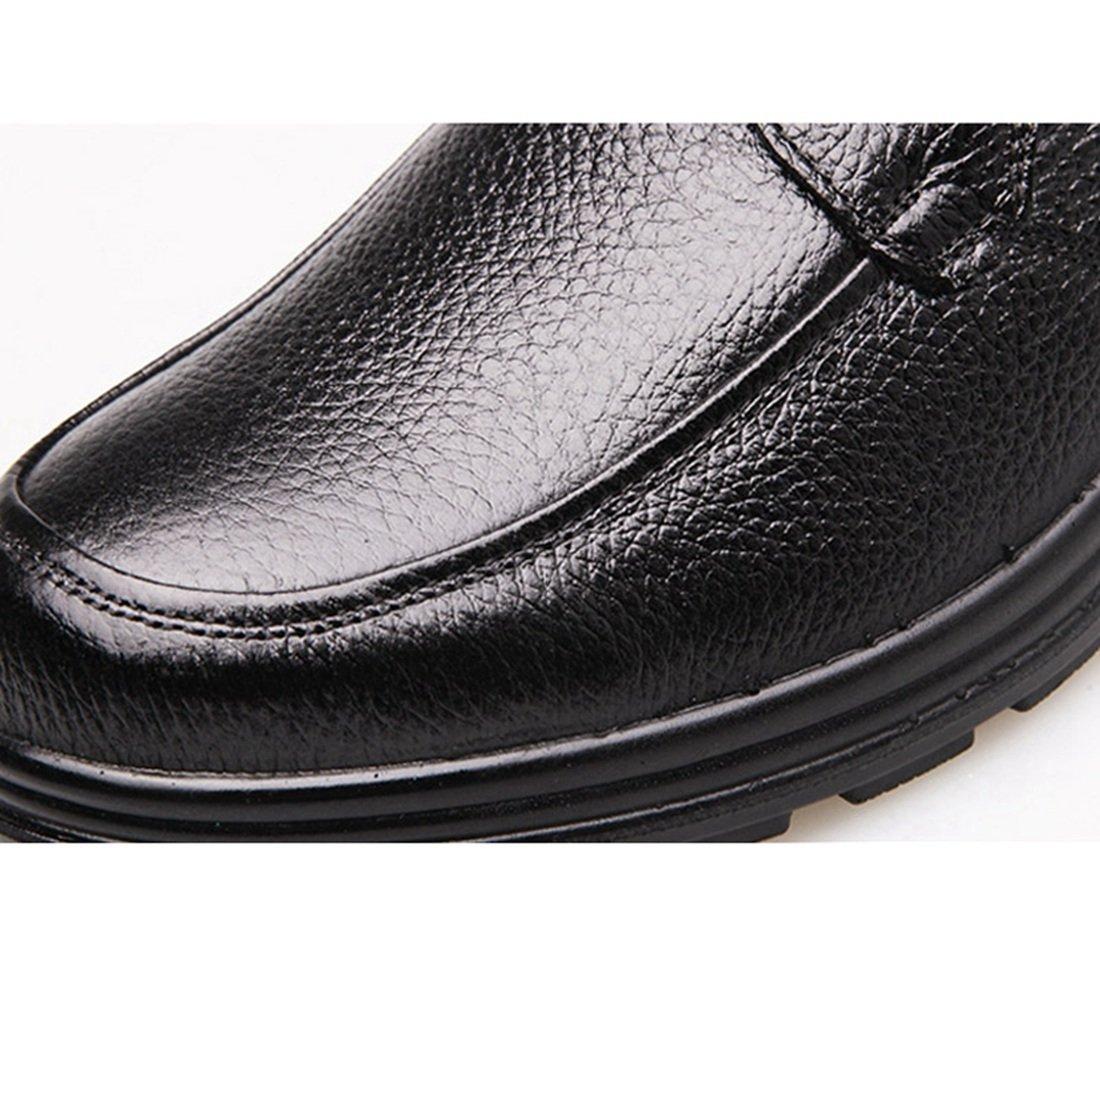 Enerhu Men Slip on Work Shoe Flat Chef Shoes Leather Wear Resistant Oilproof Waterproof Black Asian 44/US 9.5 by Enerhu (Image #5)